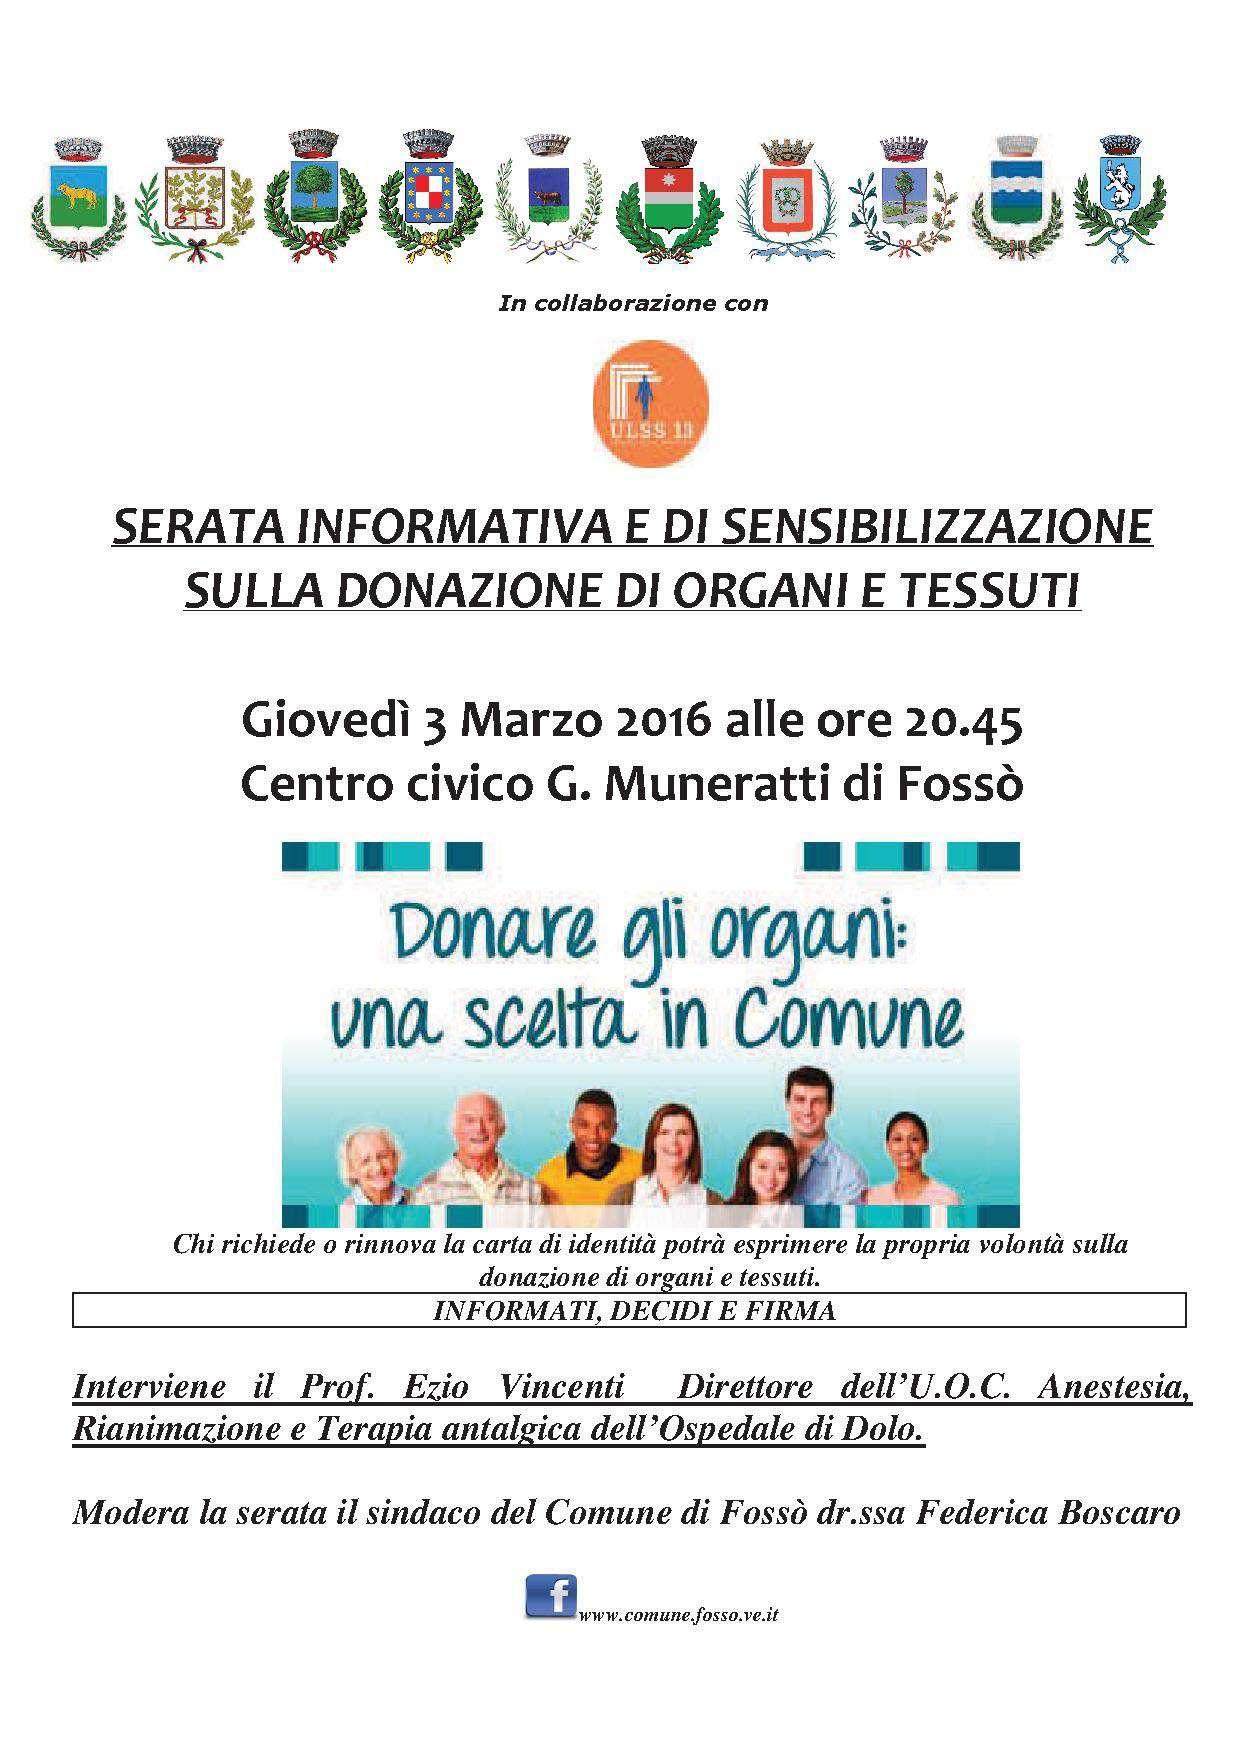 Siti Incontro Gratis Senza Registrazione Italiana